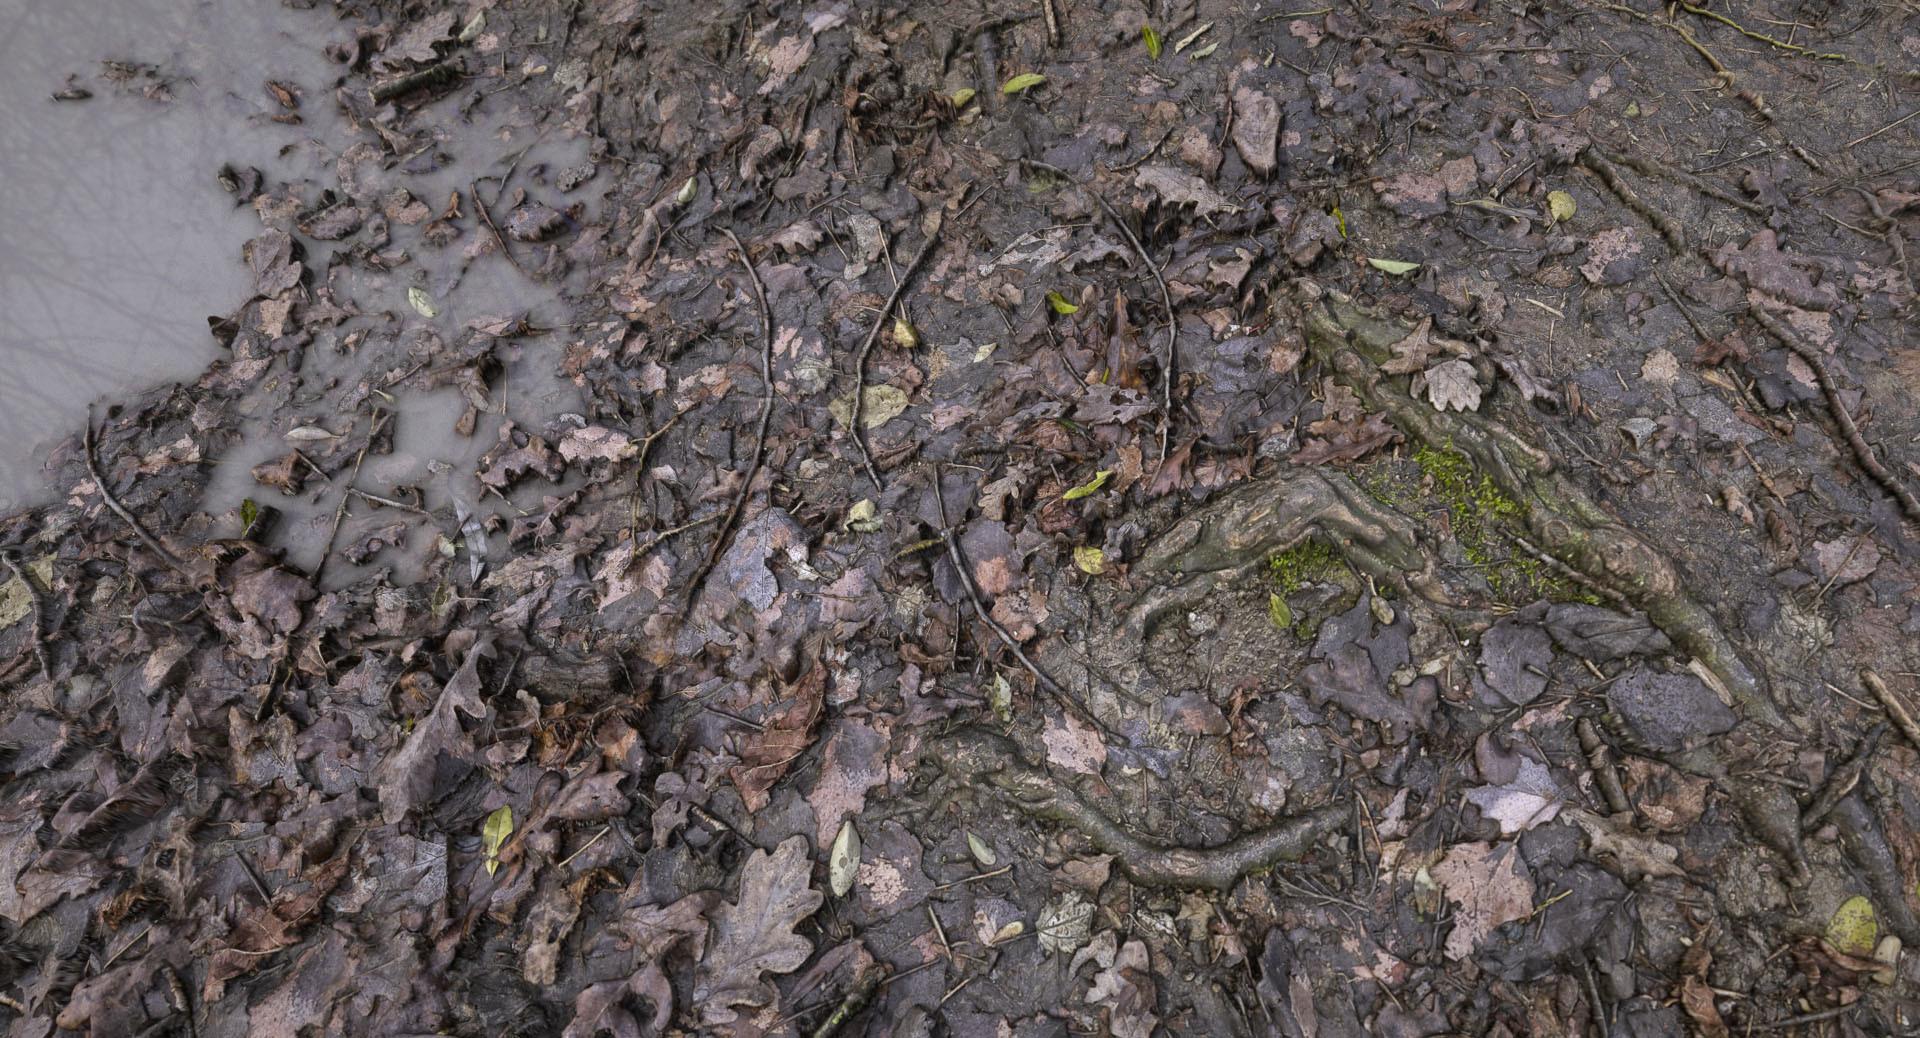 ArtStation - RDTexture - Muddy-forest-floor, Christoph Schindelar